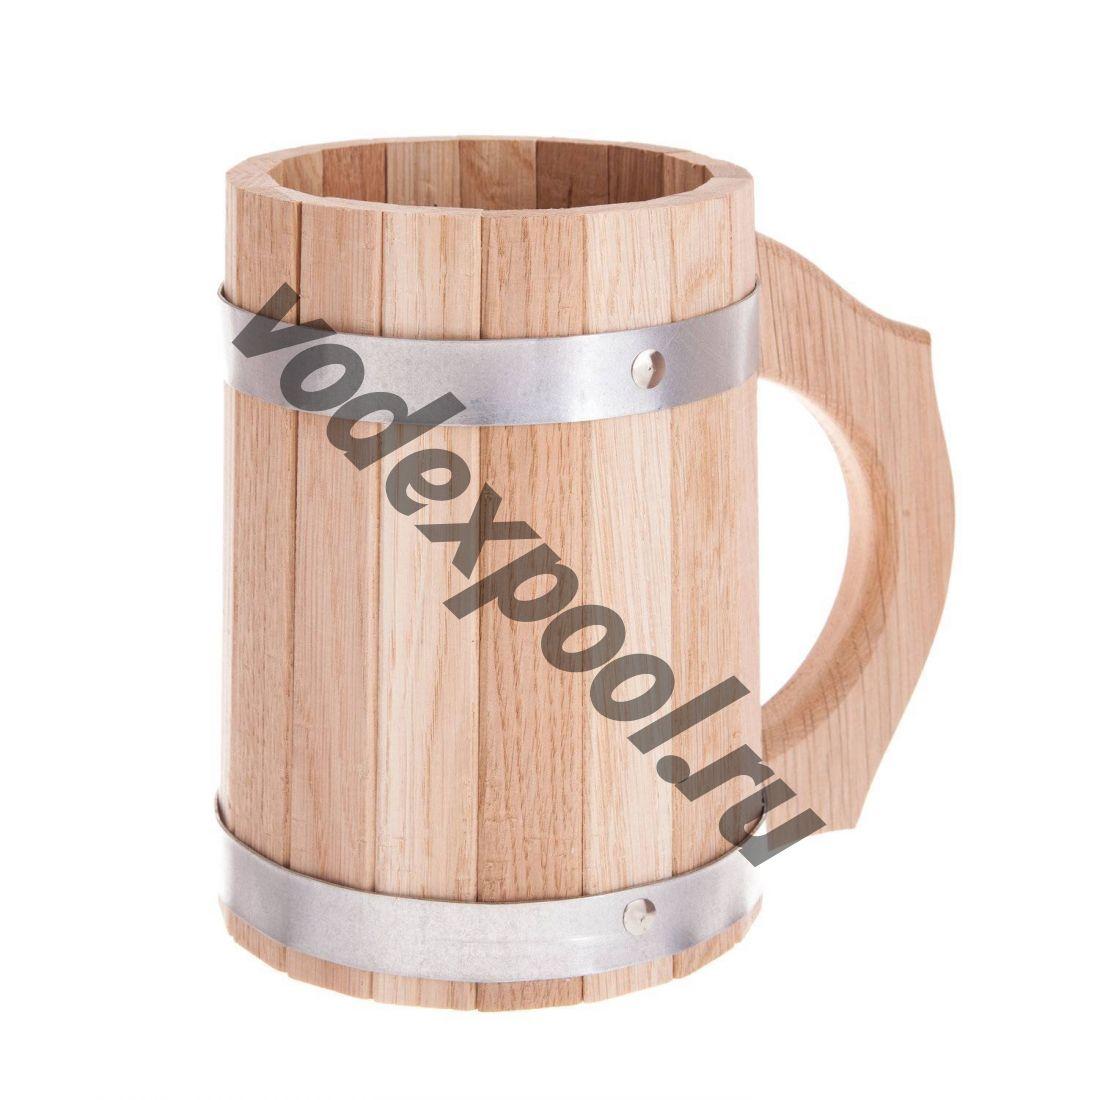 Кружка деревянная Осина 0,5 л